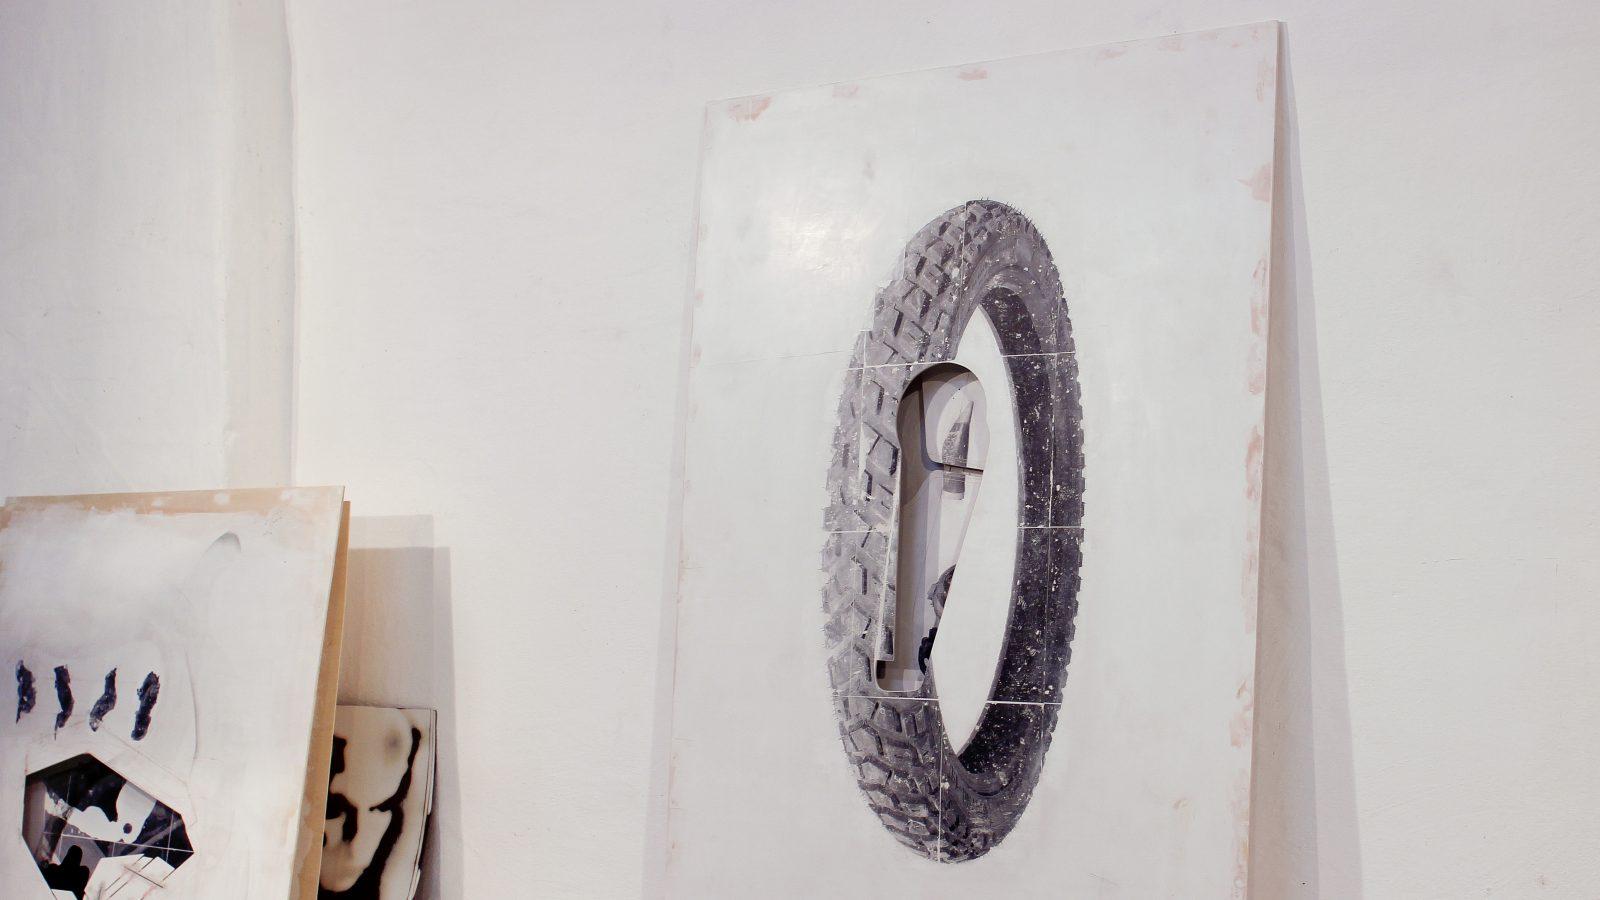 NÖ Waldviertel Galerie Kunst - Das war: Johannes Heuer